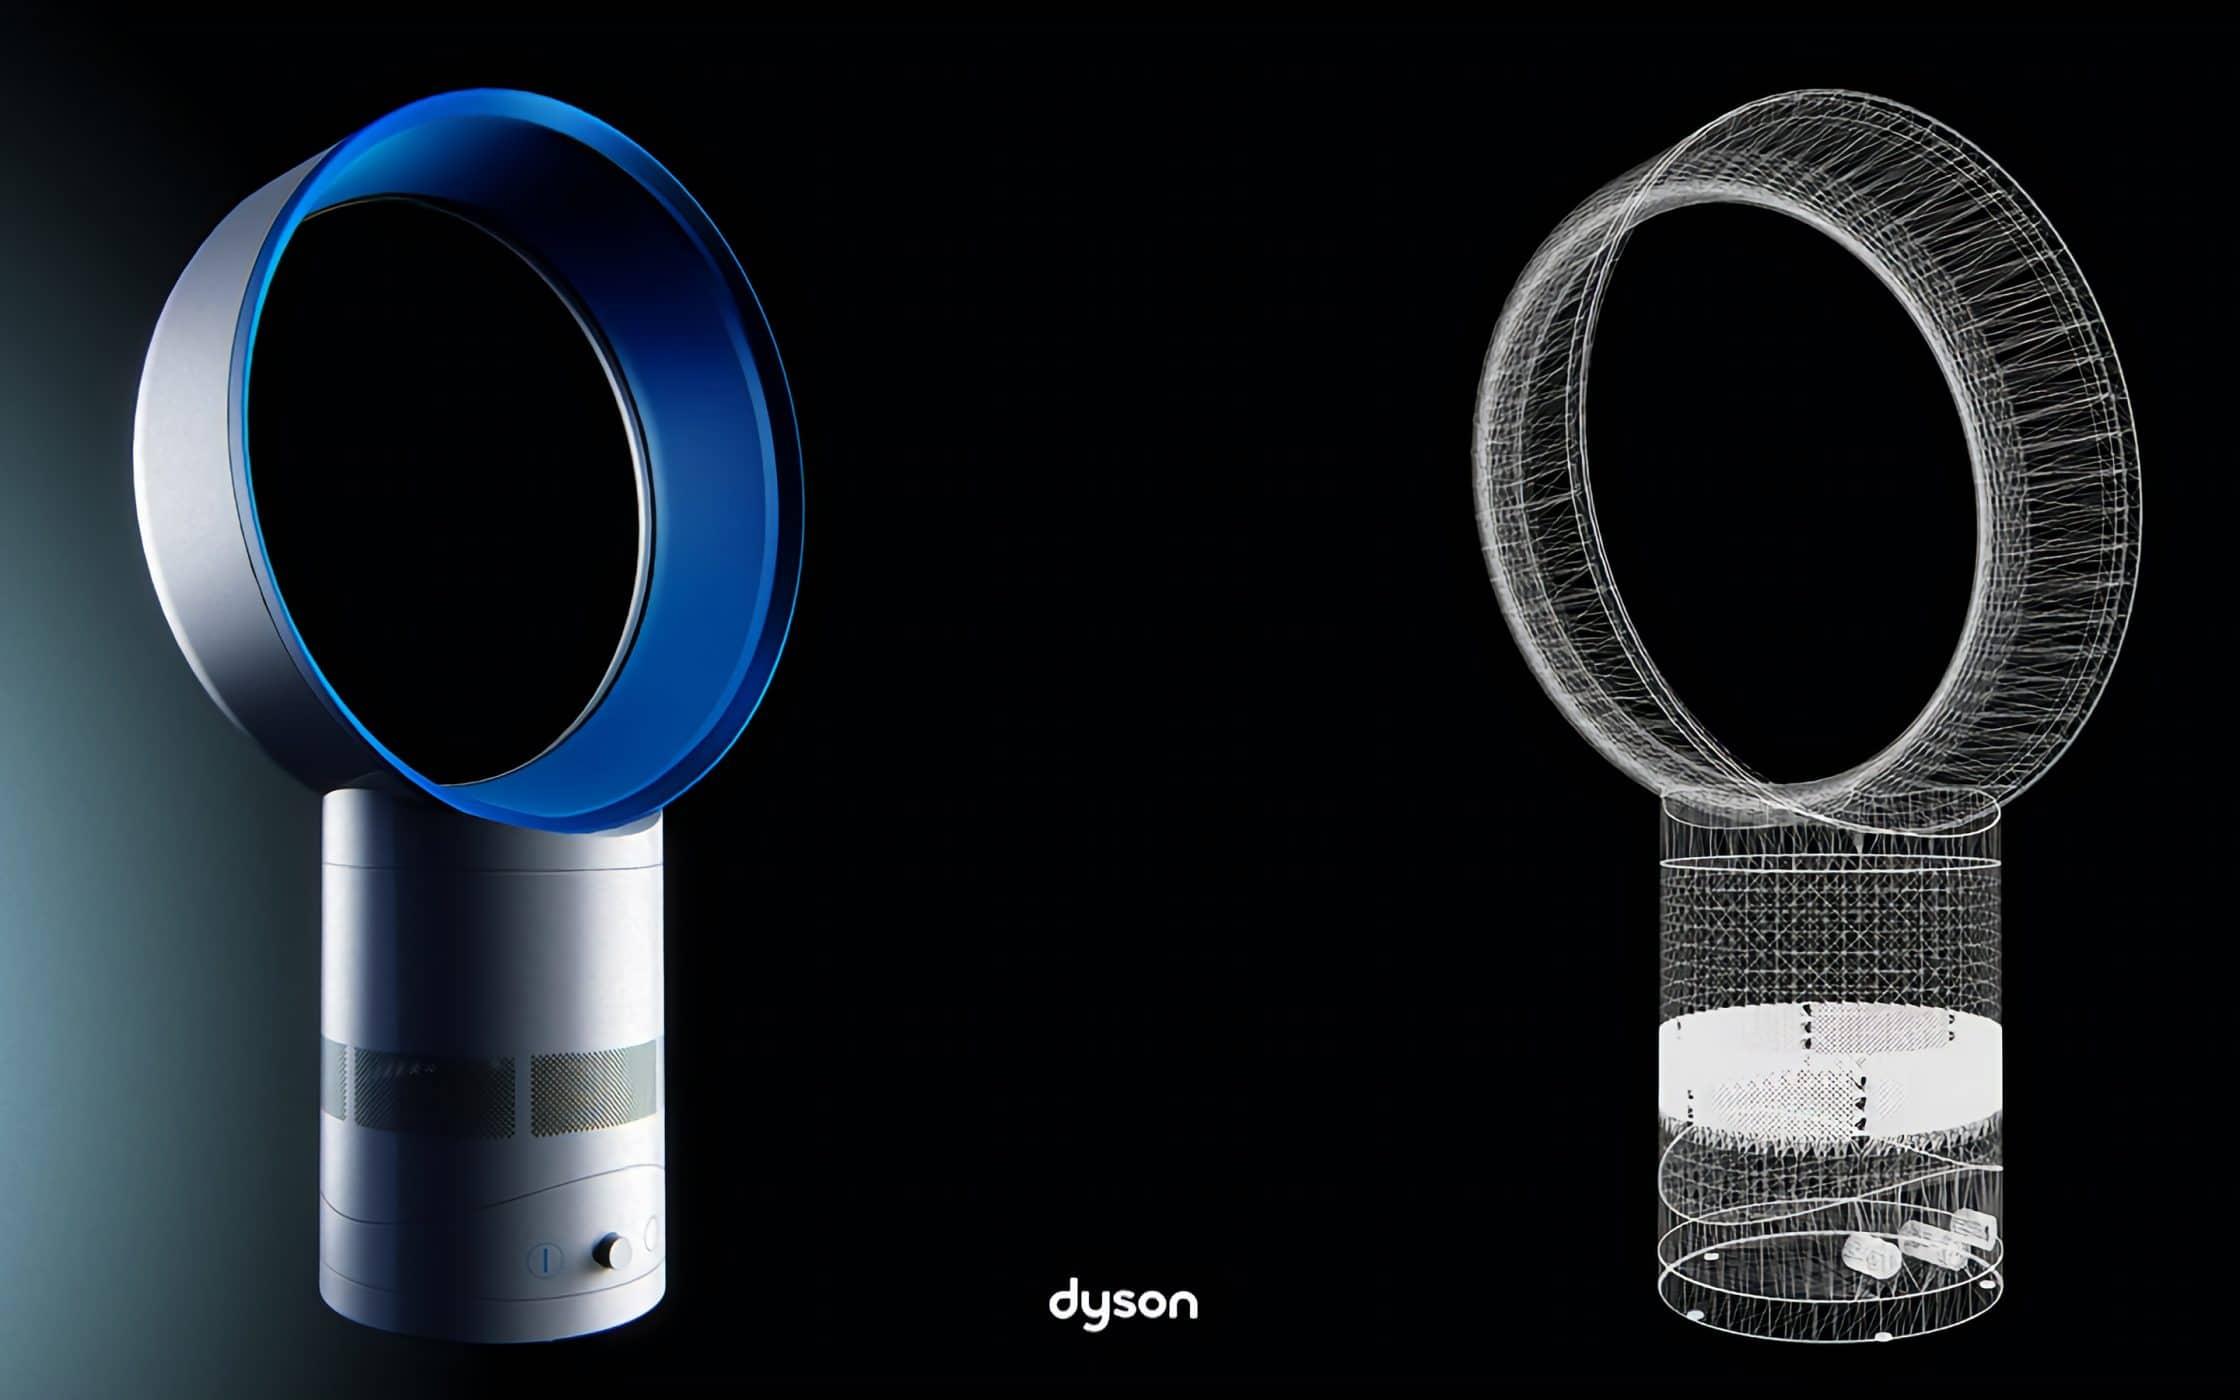 Brand dyson пылесос дайсон официальный сайт интернет магазин